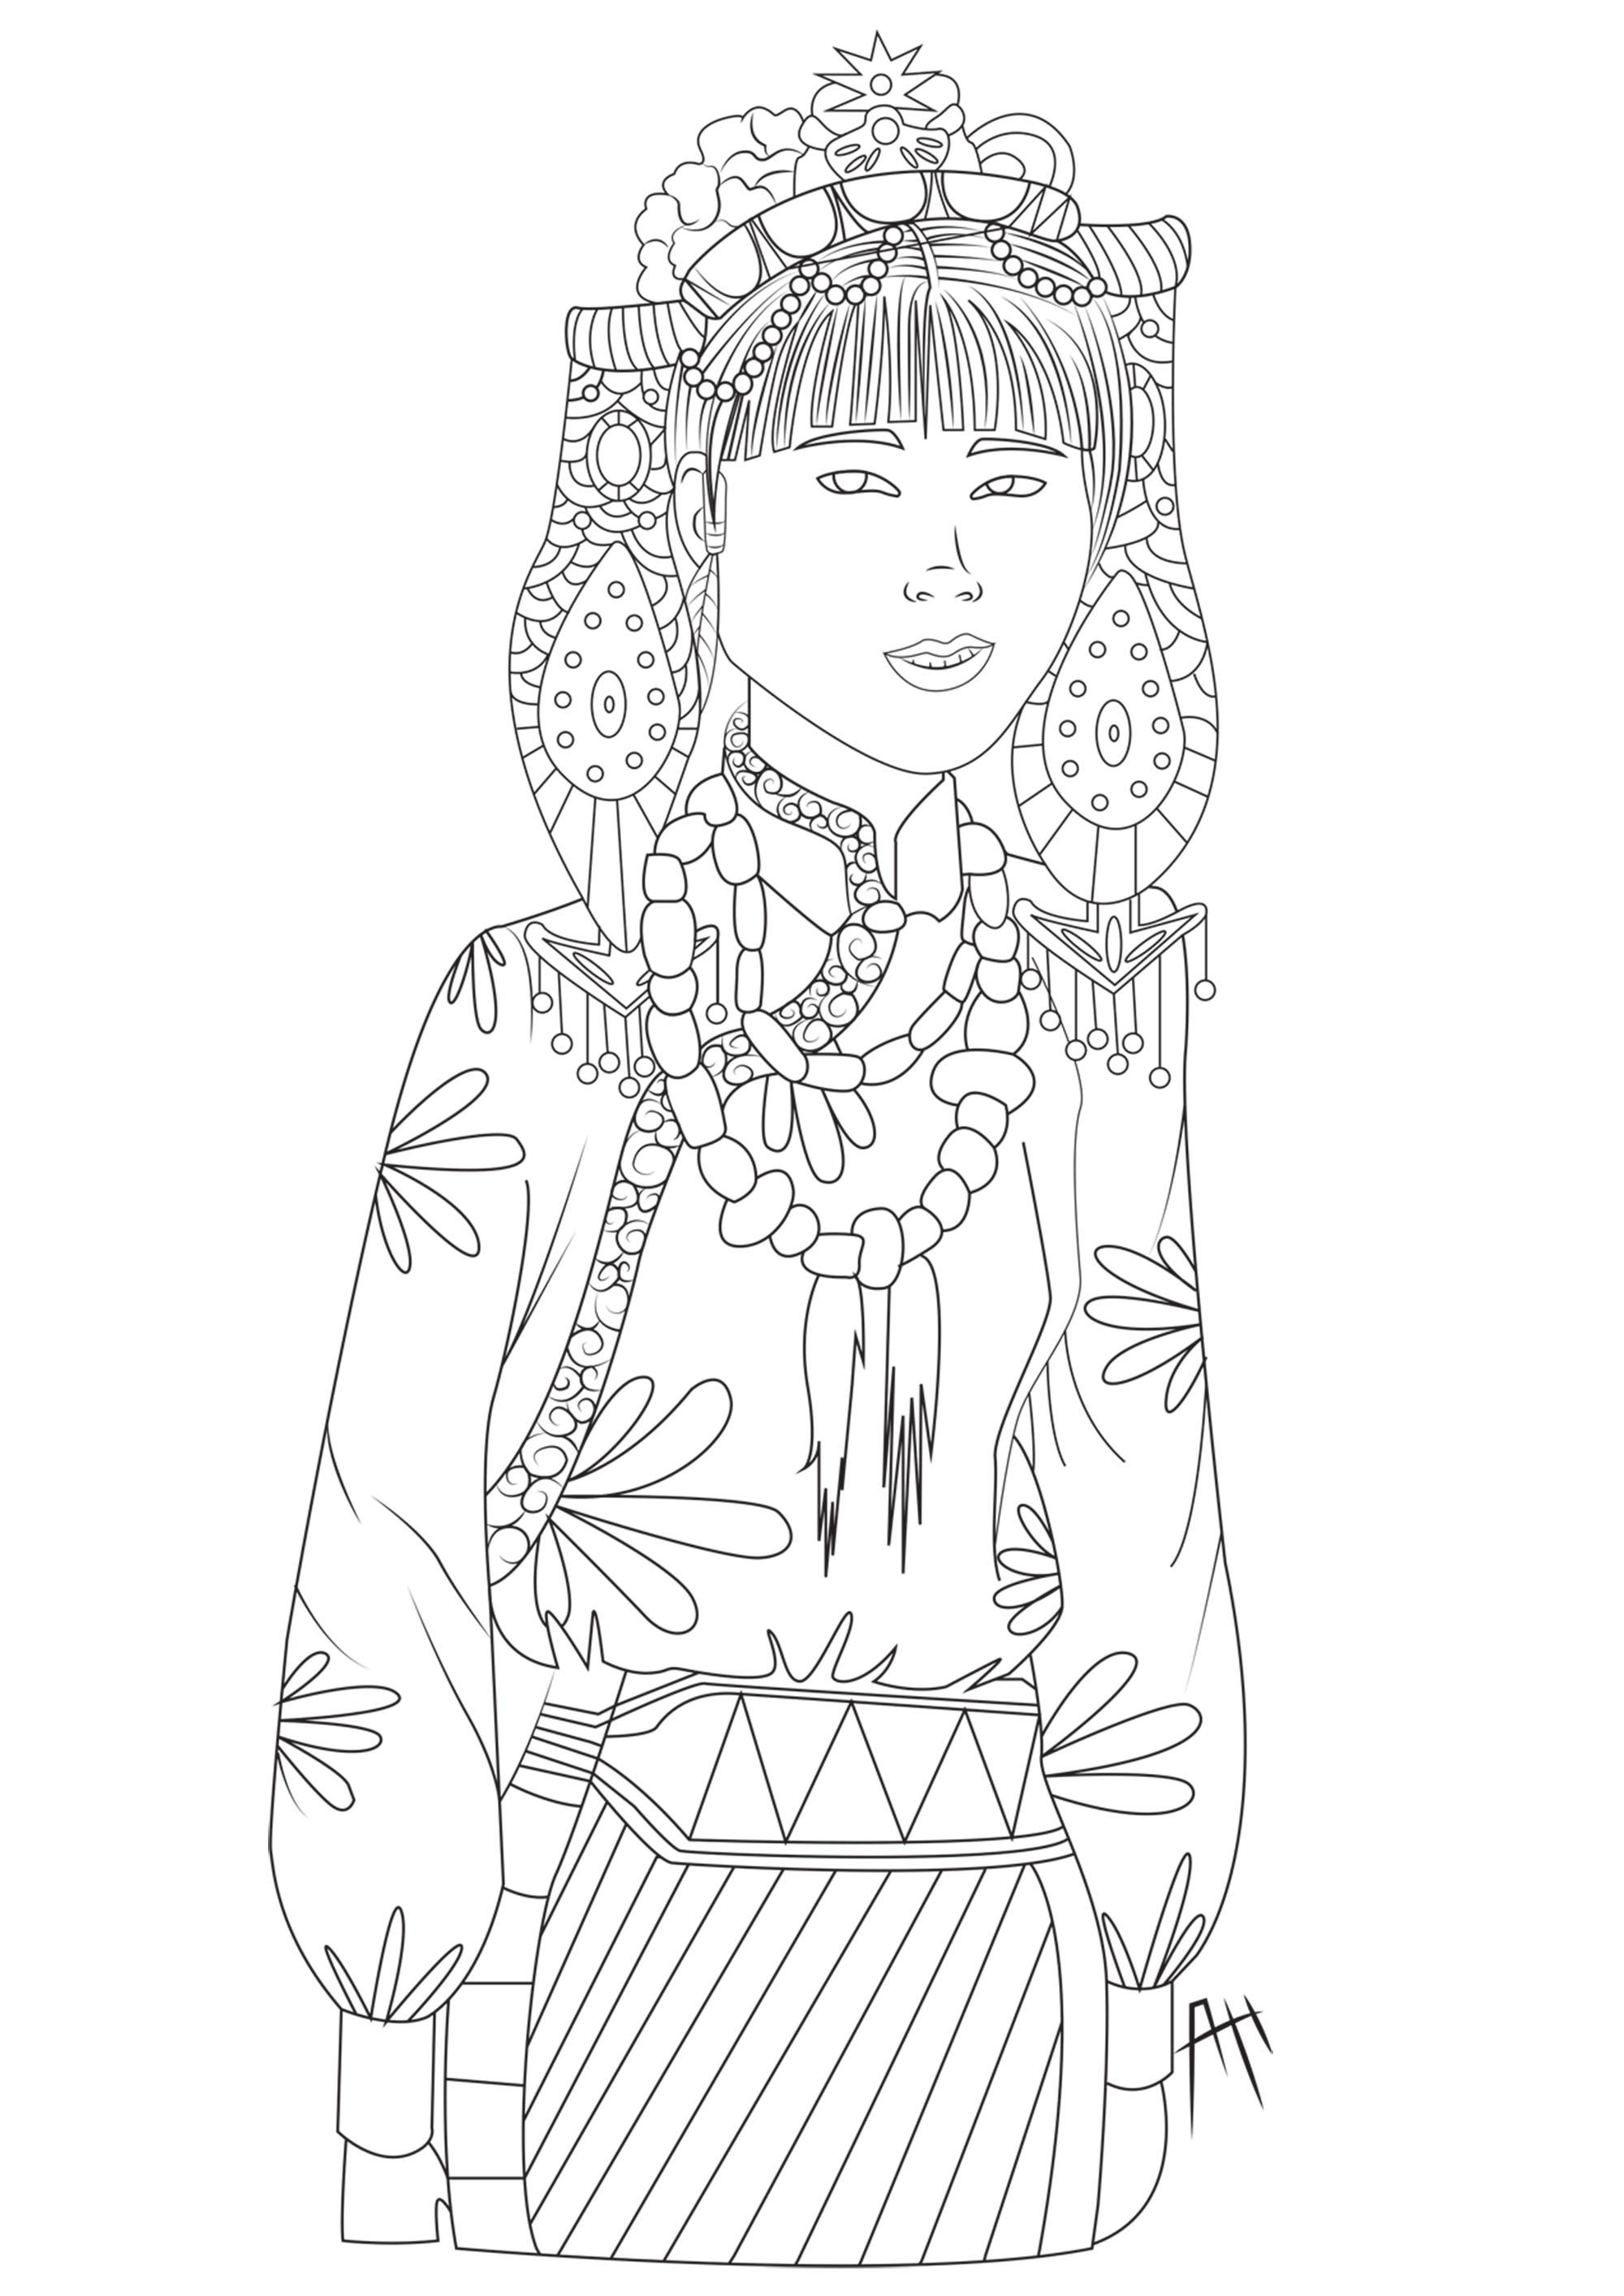 Femme tibétaine dans son costume traditionnel